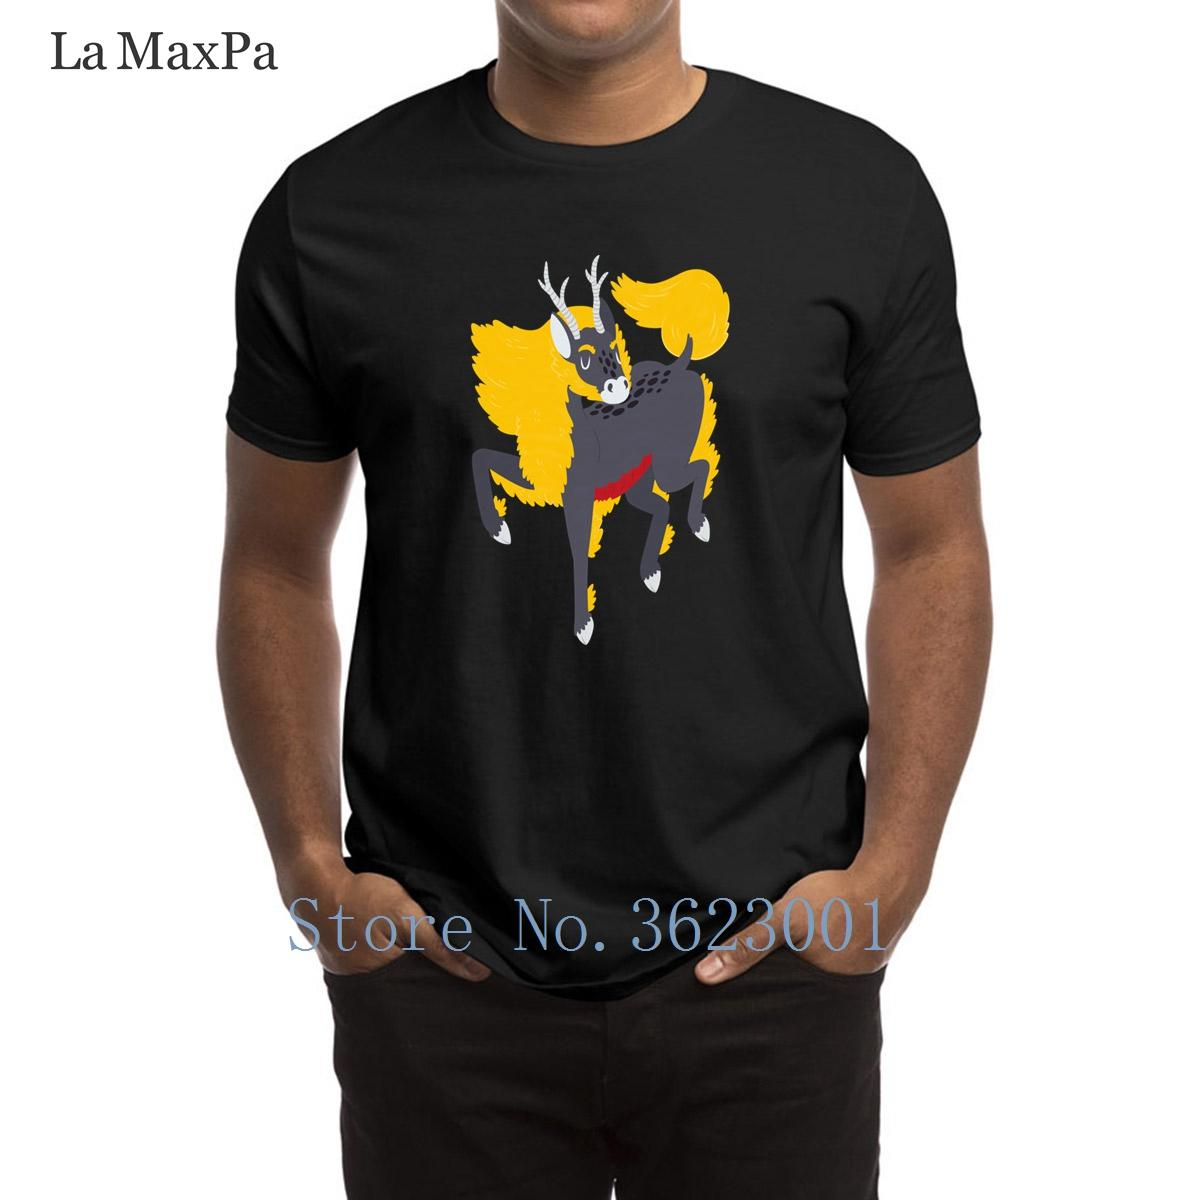 5ece0b5f8c5c14 Acquista Stampato Famiglia T Shirt Uomo Yokai Kirin Maglietta Uomo Famiglia  Vestiti Tee Shirt Uomo Divertente Grandi Taglie Maglietta Uomo Fitness A  $16.15 ...